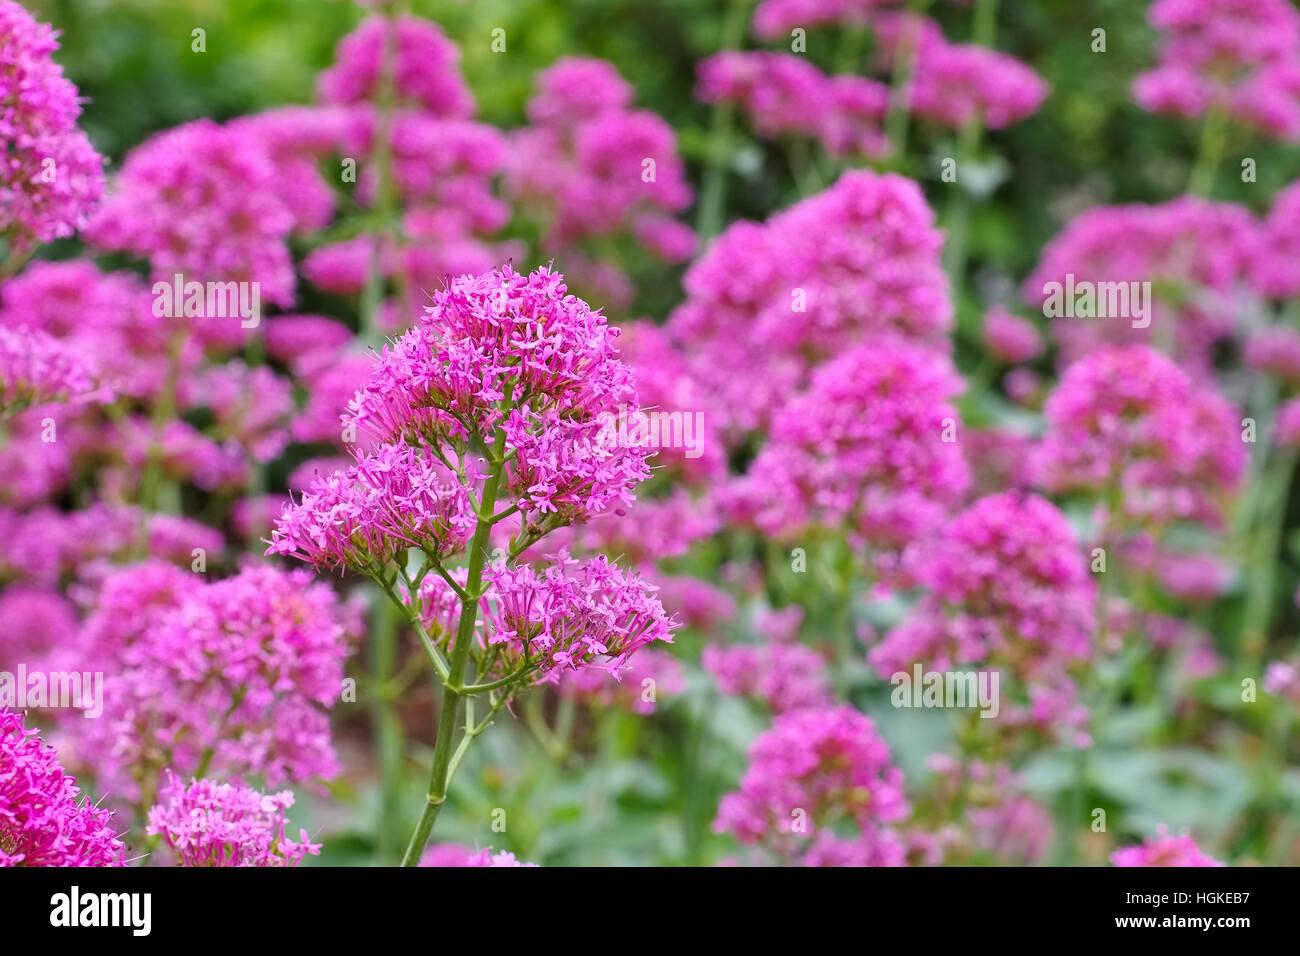 Afrikanischer Baldrian, Fedia cornucopiae - Fedia cornucopiae, a Valerianoideae plant - Stock Image